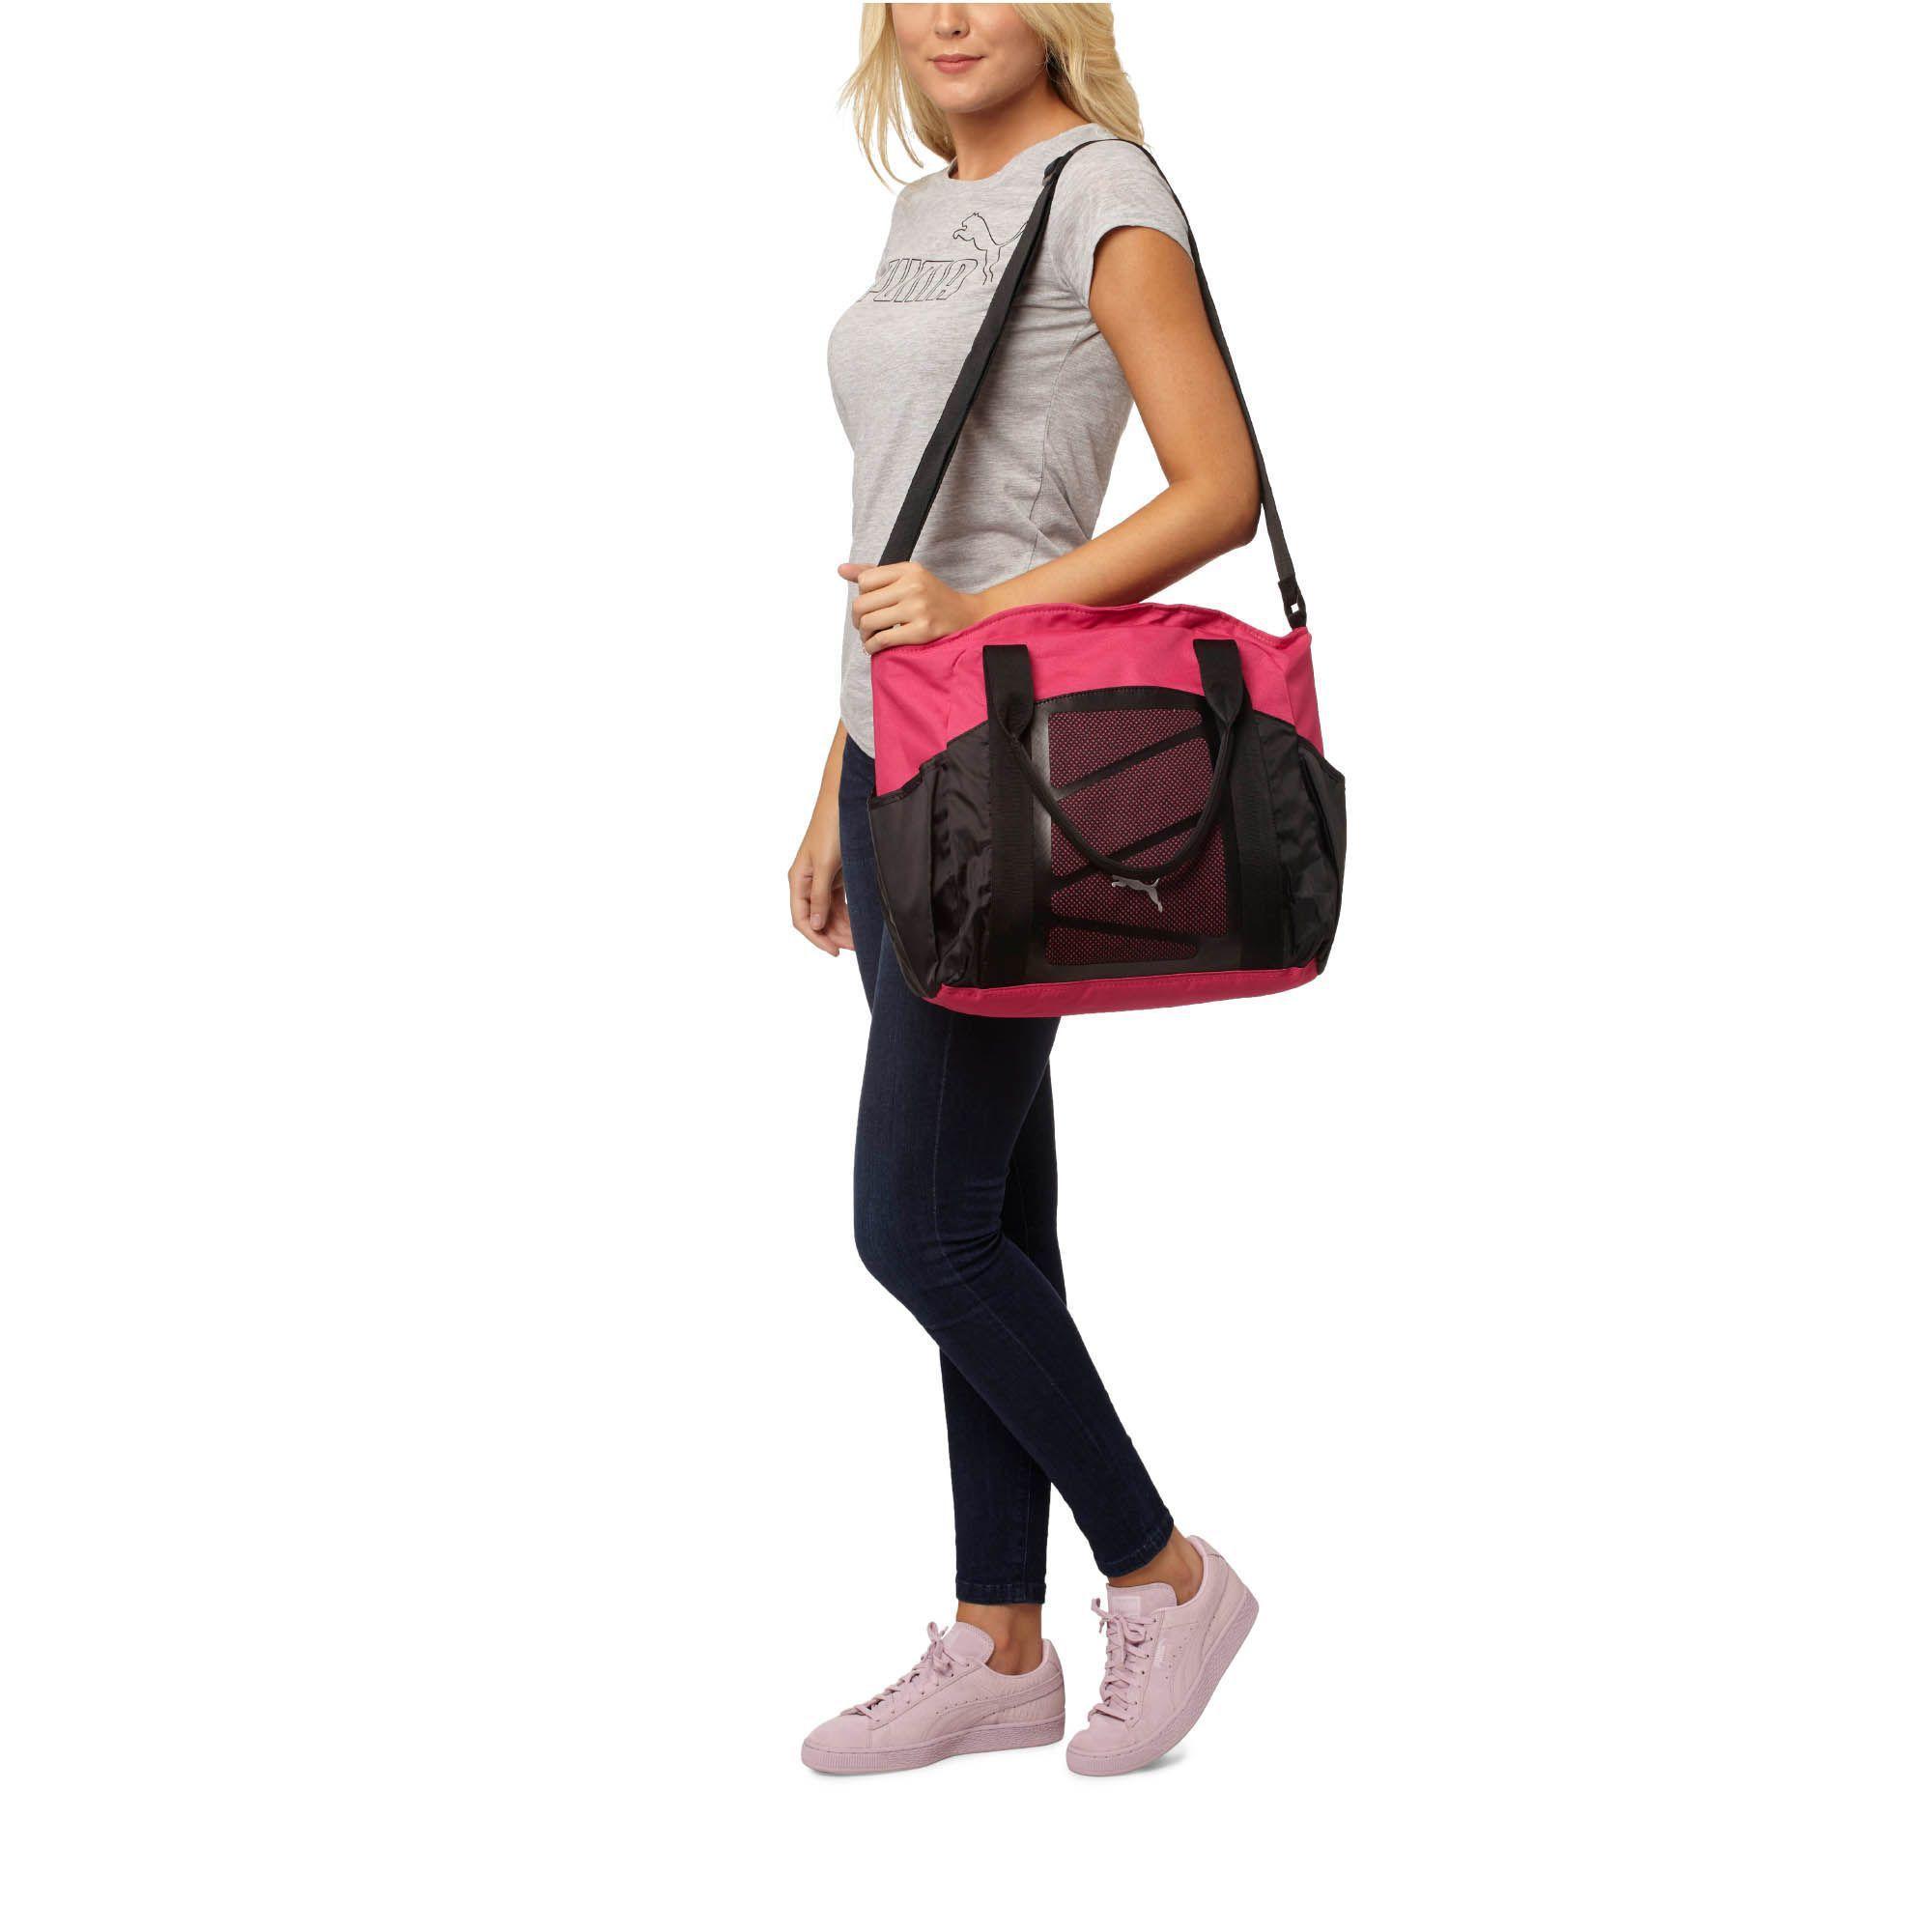 05c334ed09 Lyst - PUMA Alexia Tote Bag in Pink